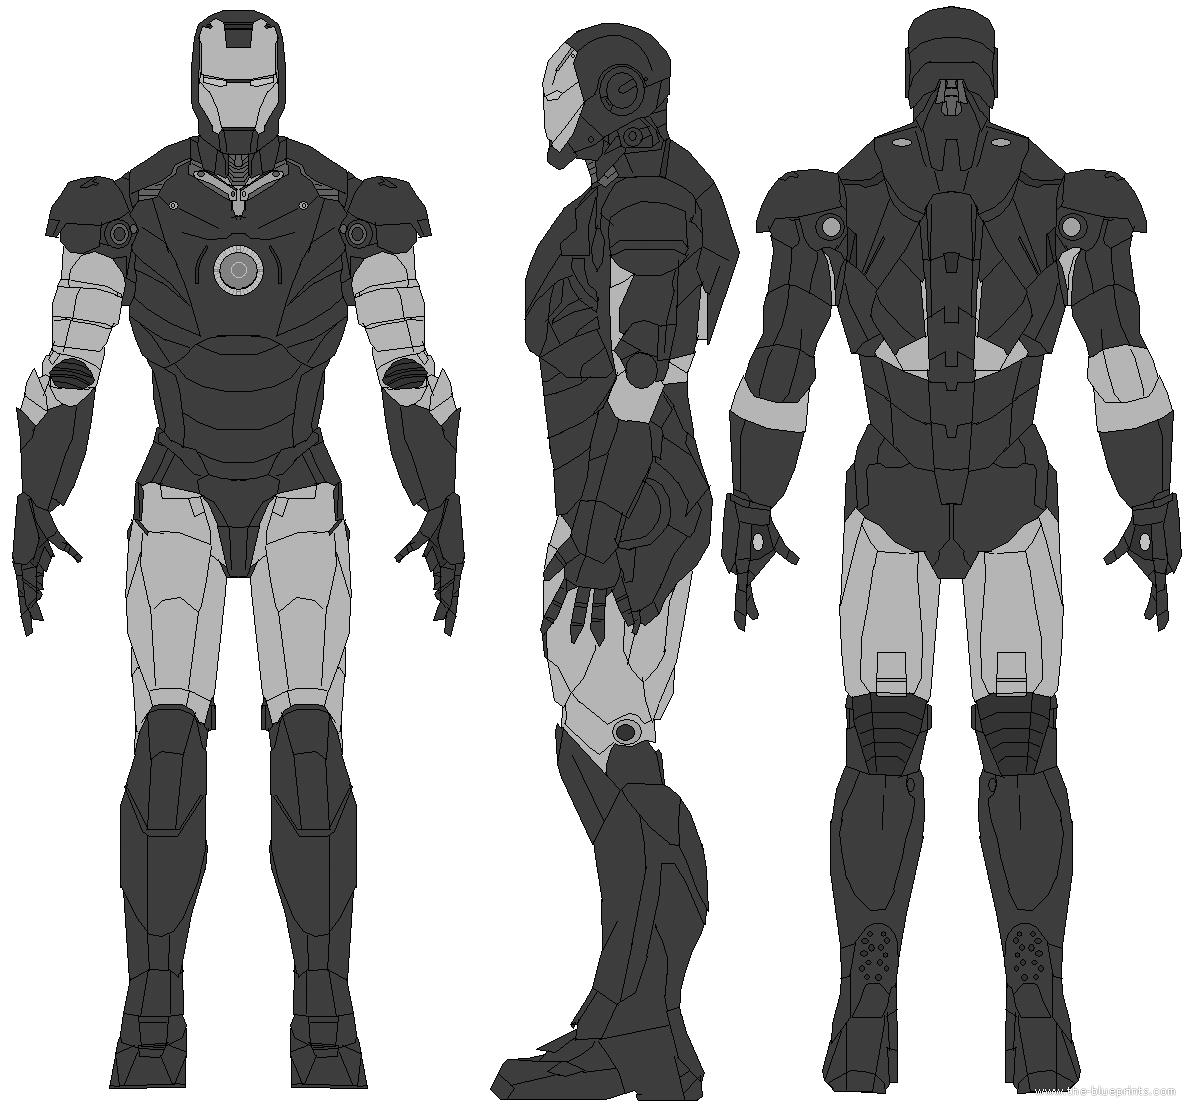 Black And White Iron Man Armor Blueprints